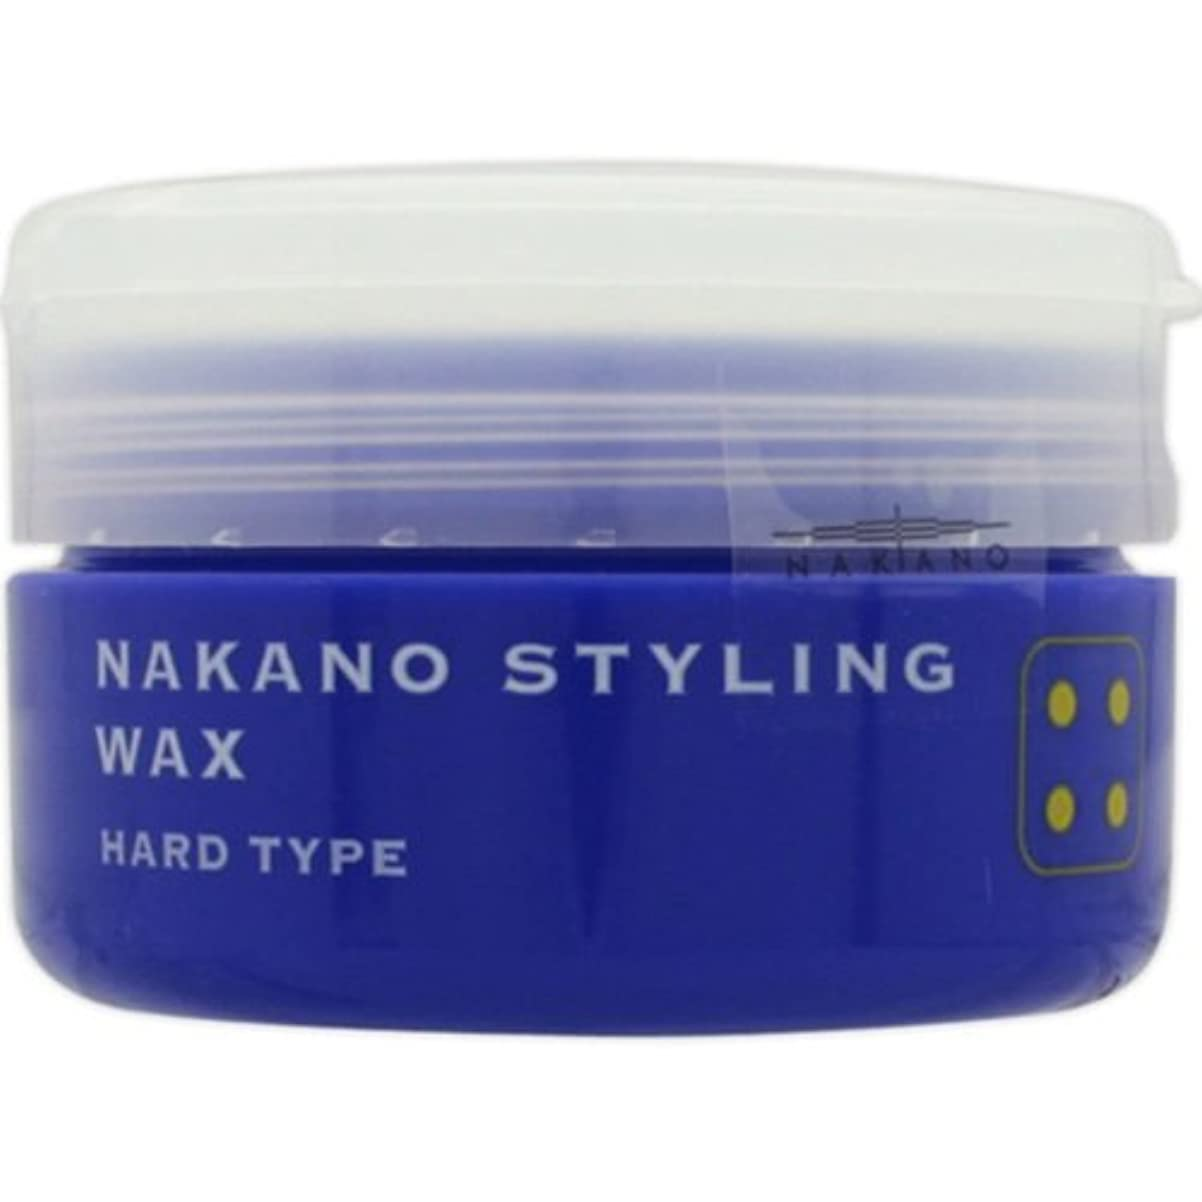 知人離婚意識的ナカノ スタイリングワックス 4 ハードタイプ 90g 中野製薬 NAKANO